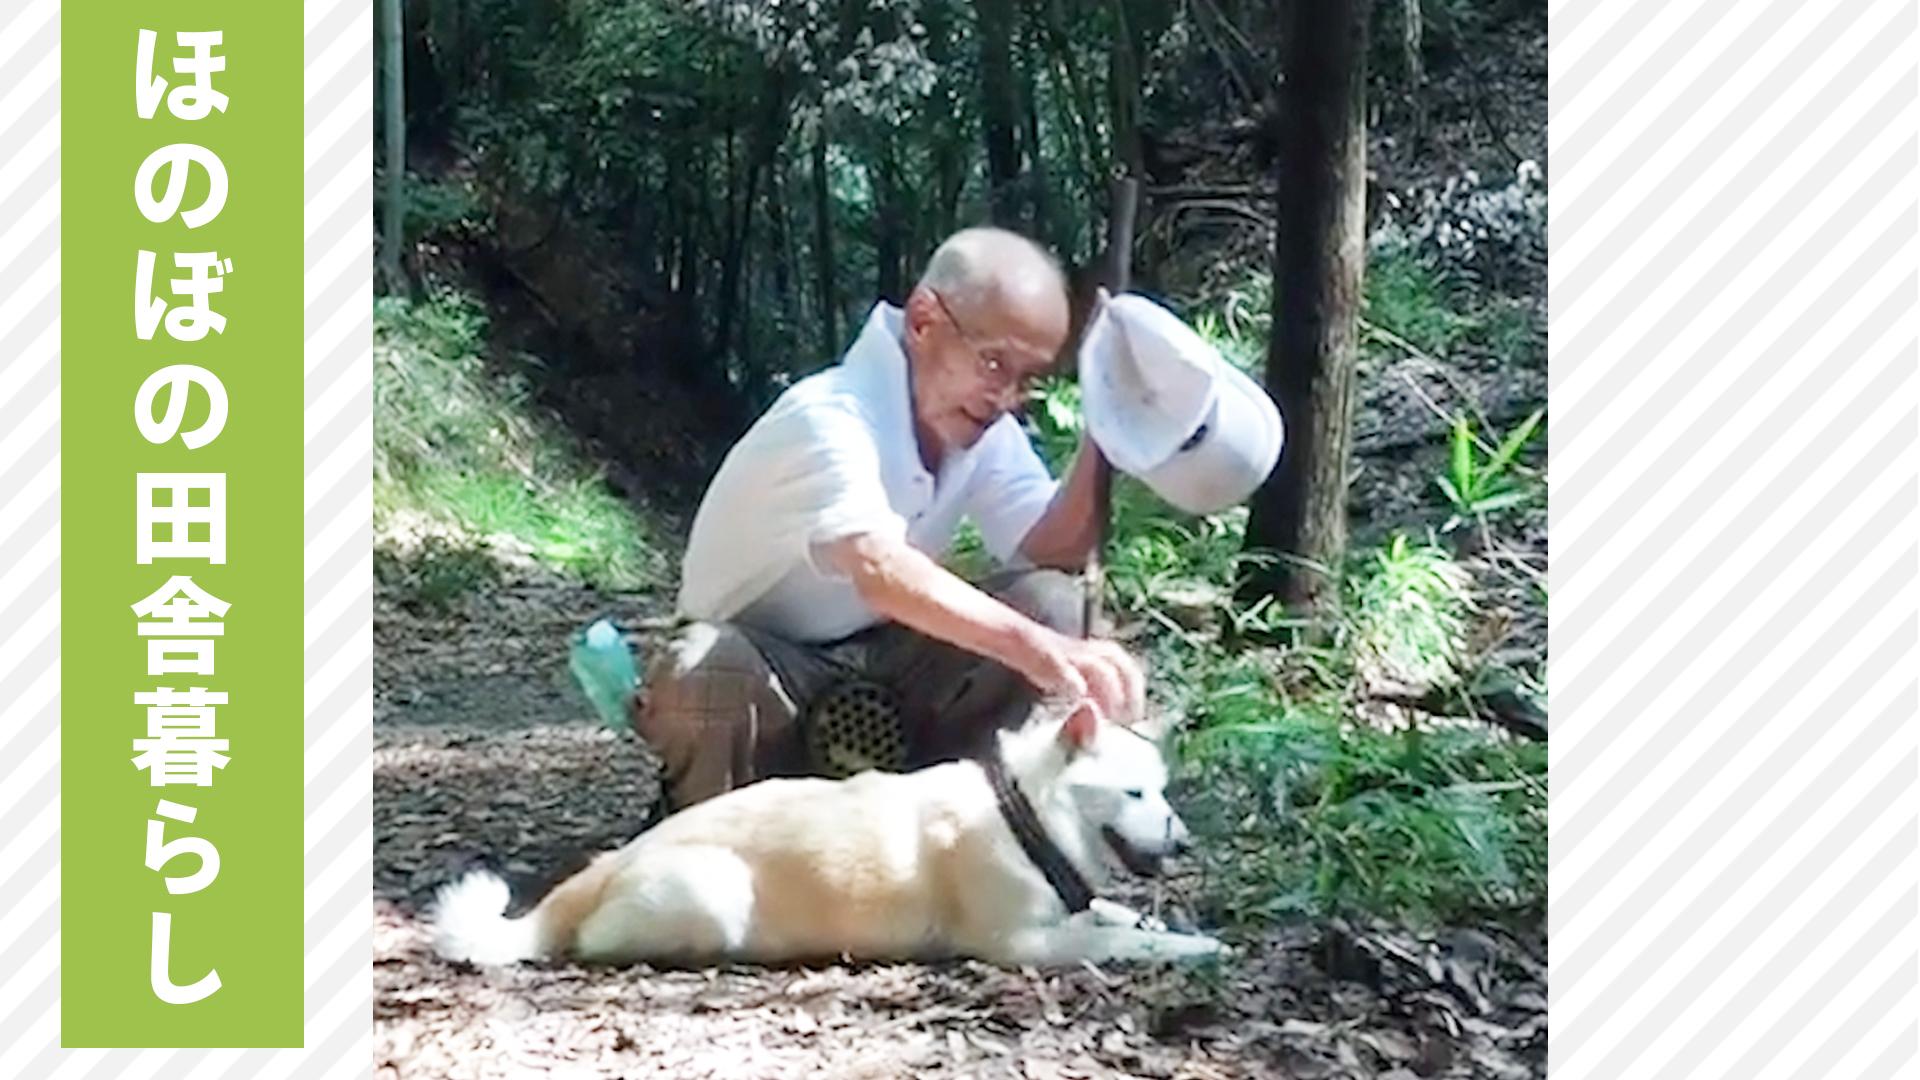 いつでも一緒 ! おじいさんとワンちゃんのほのぼの田舎暮らし 👴 🐶